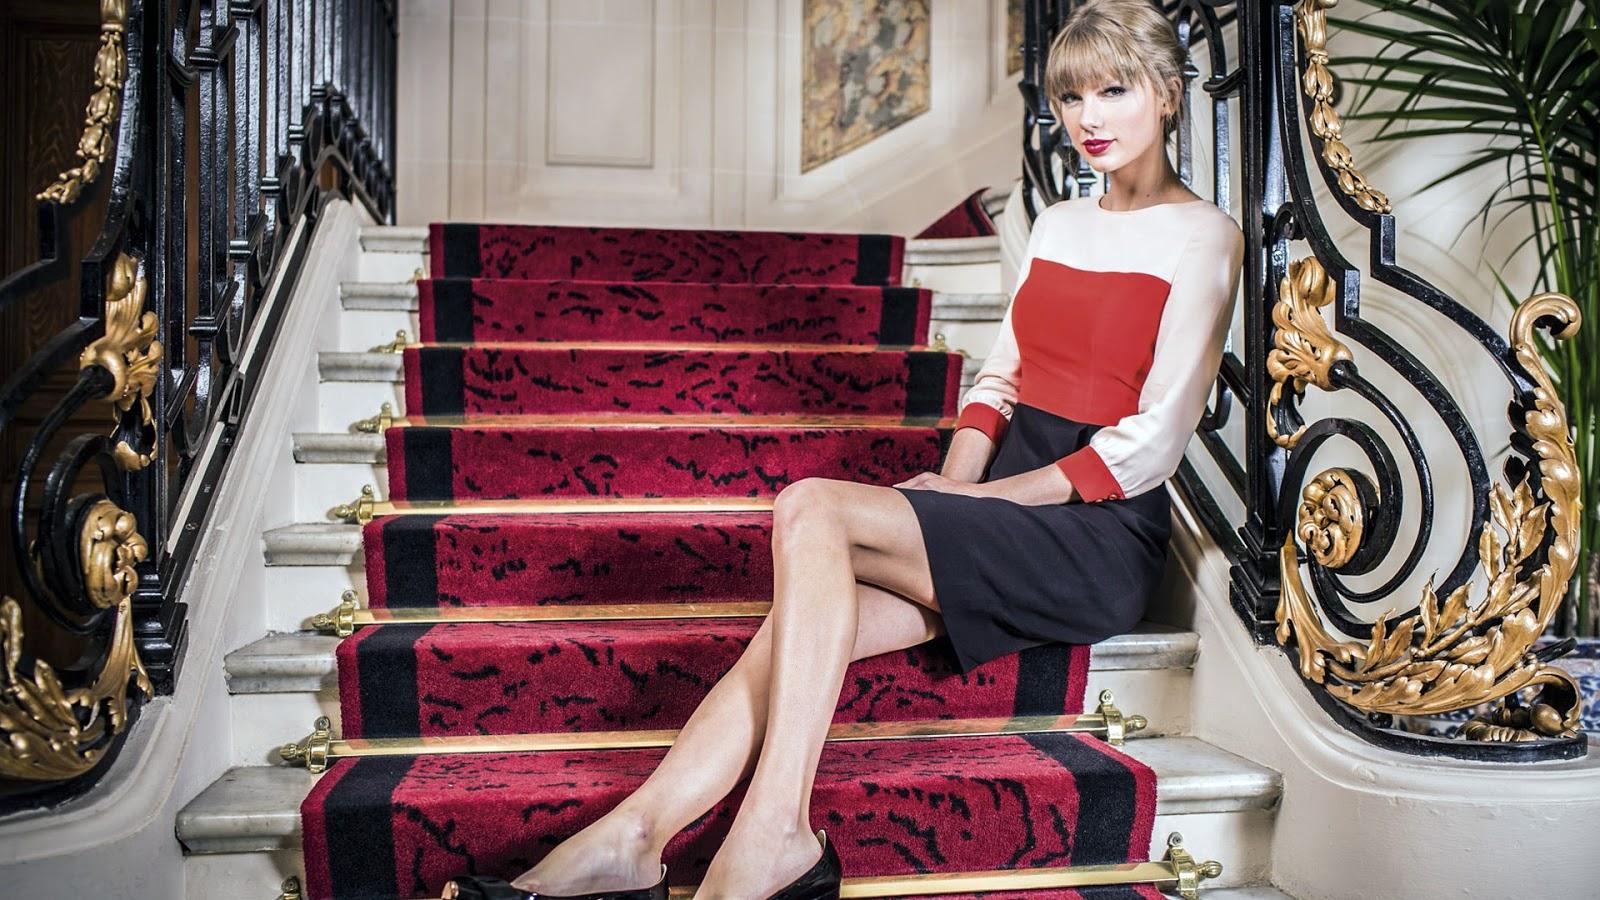 Taylor Swift Wallpaper HD 1080p Terrace